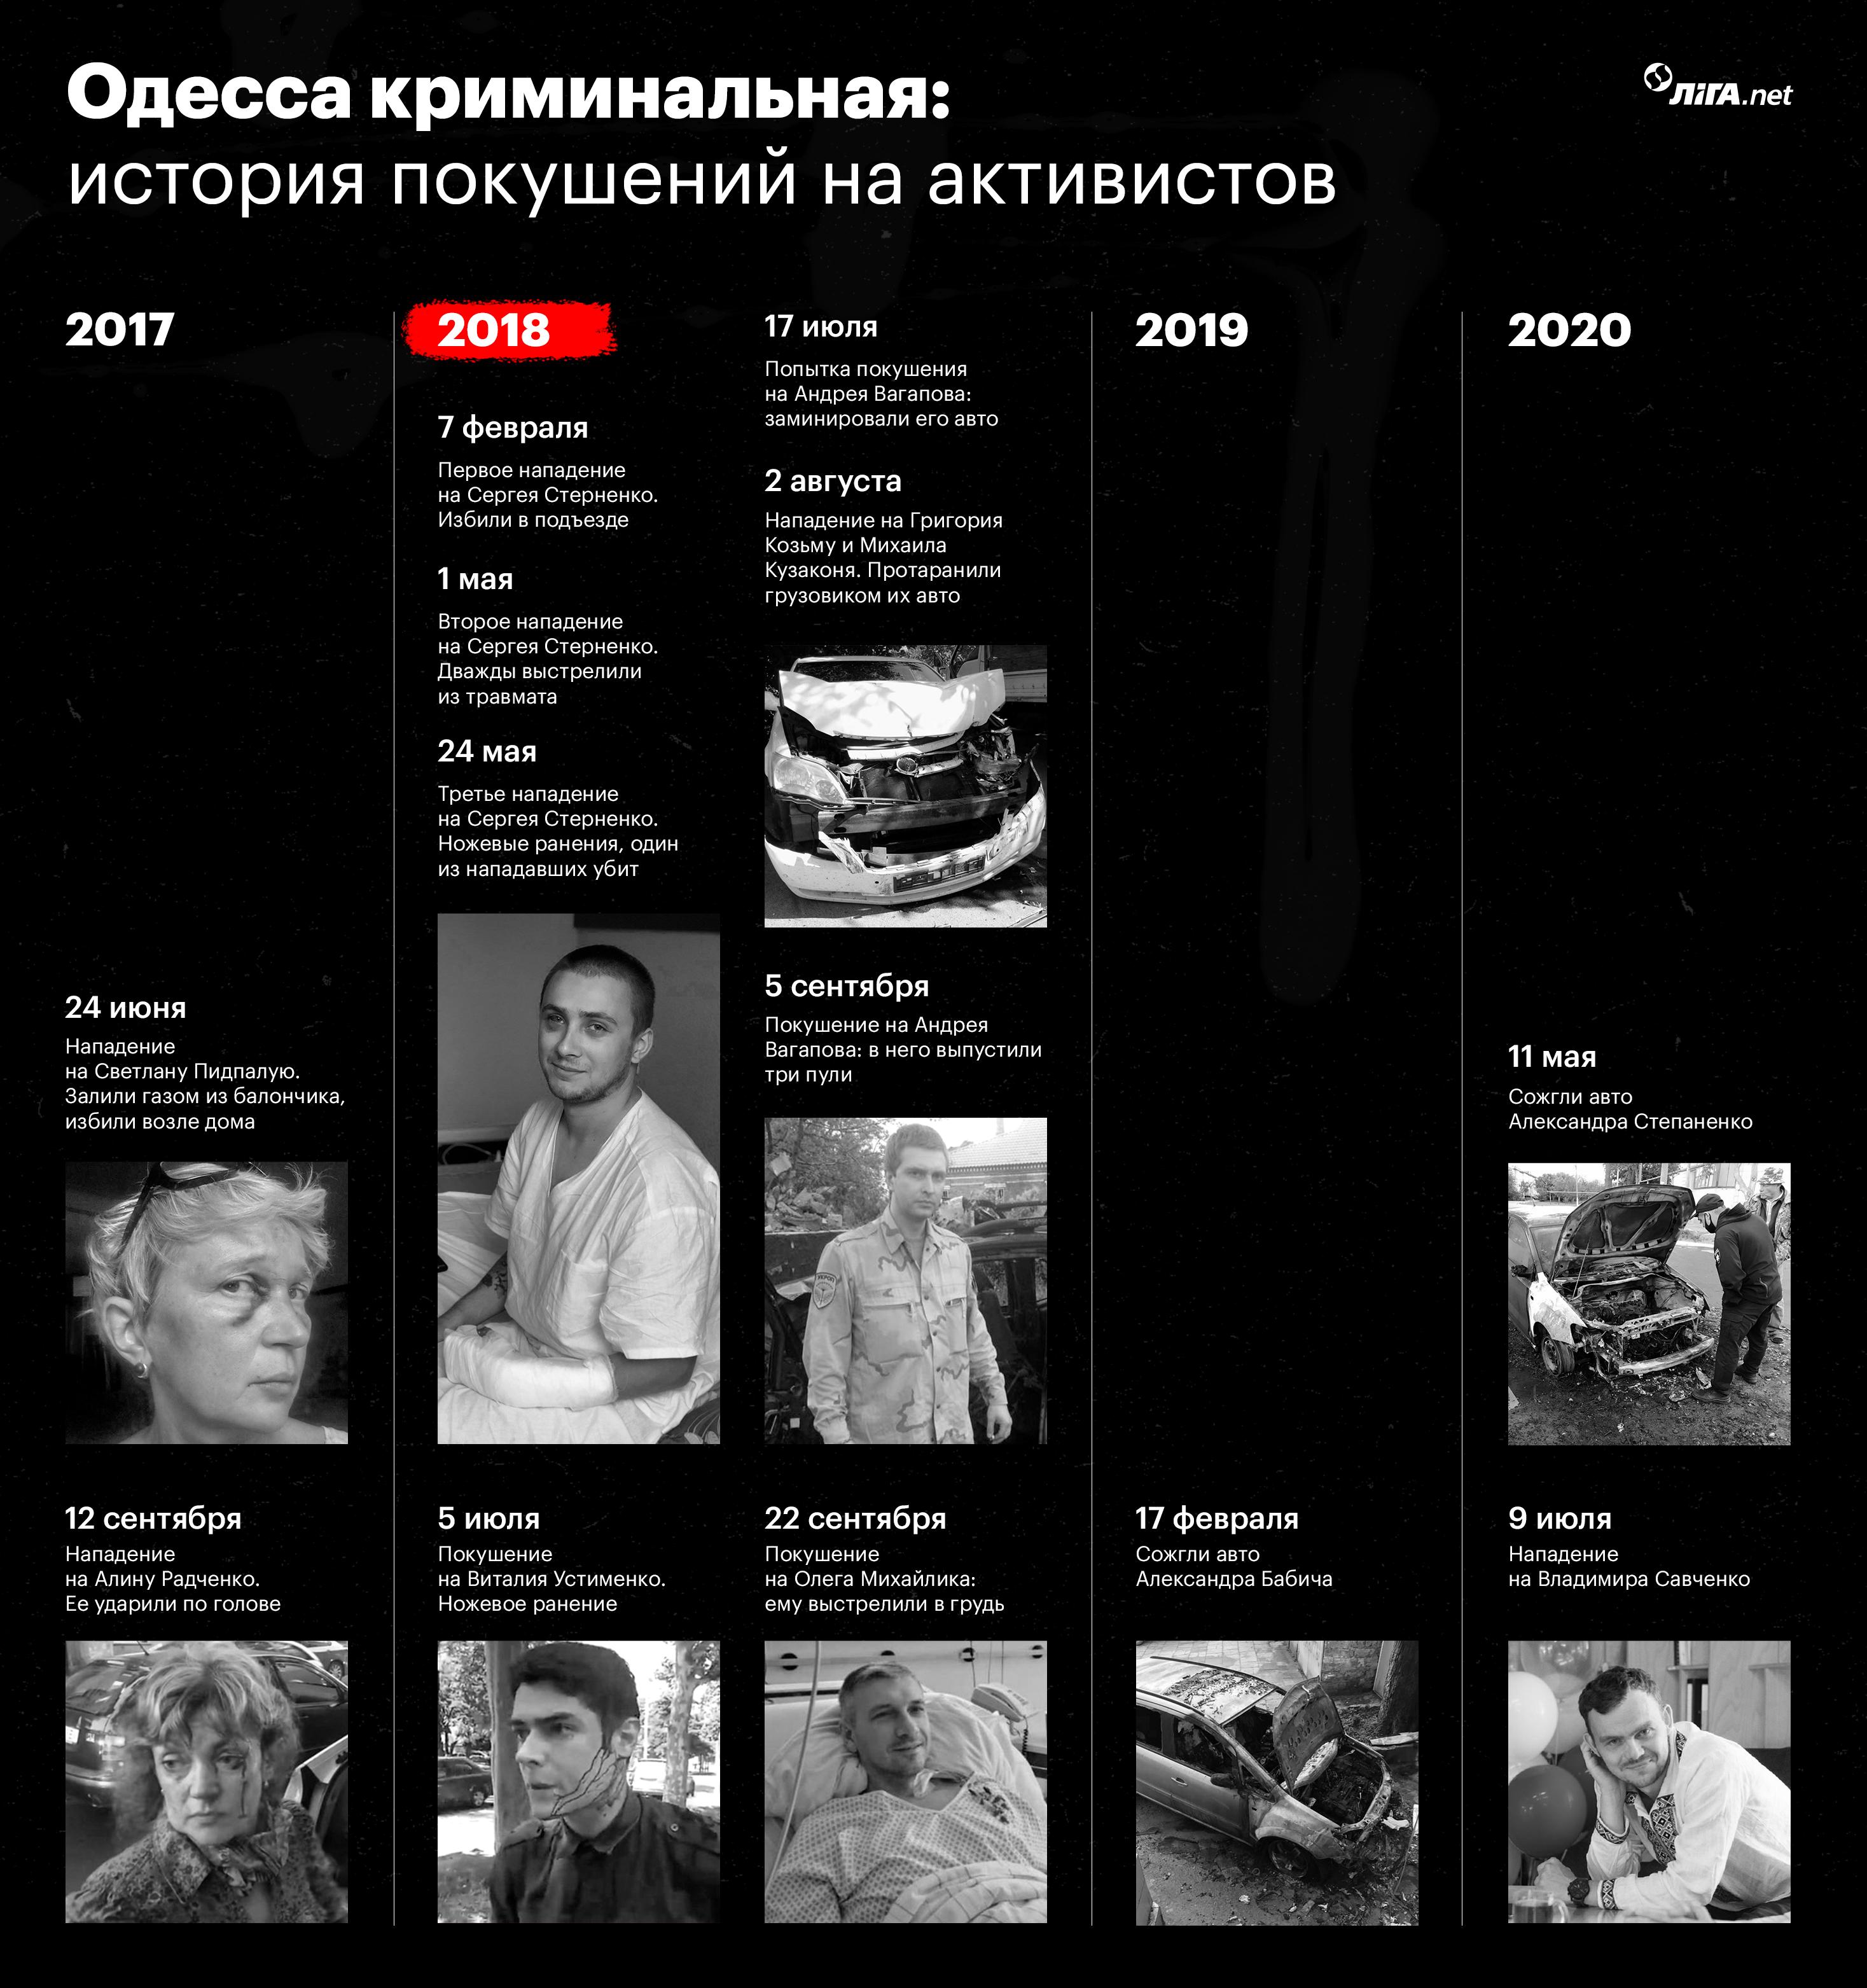 Одесса, которую построил Труханов: есть ли шанс на перезагрузку